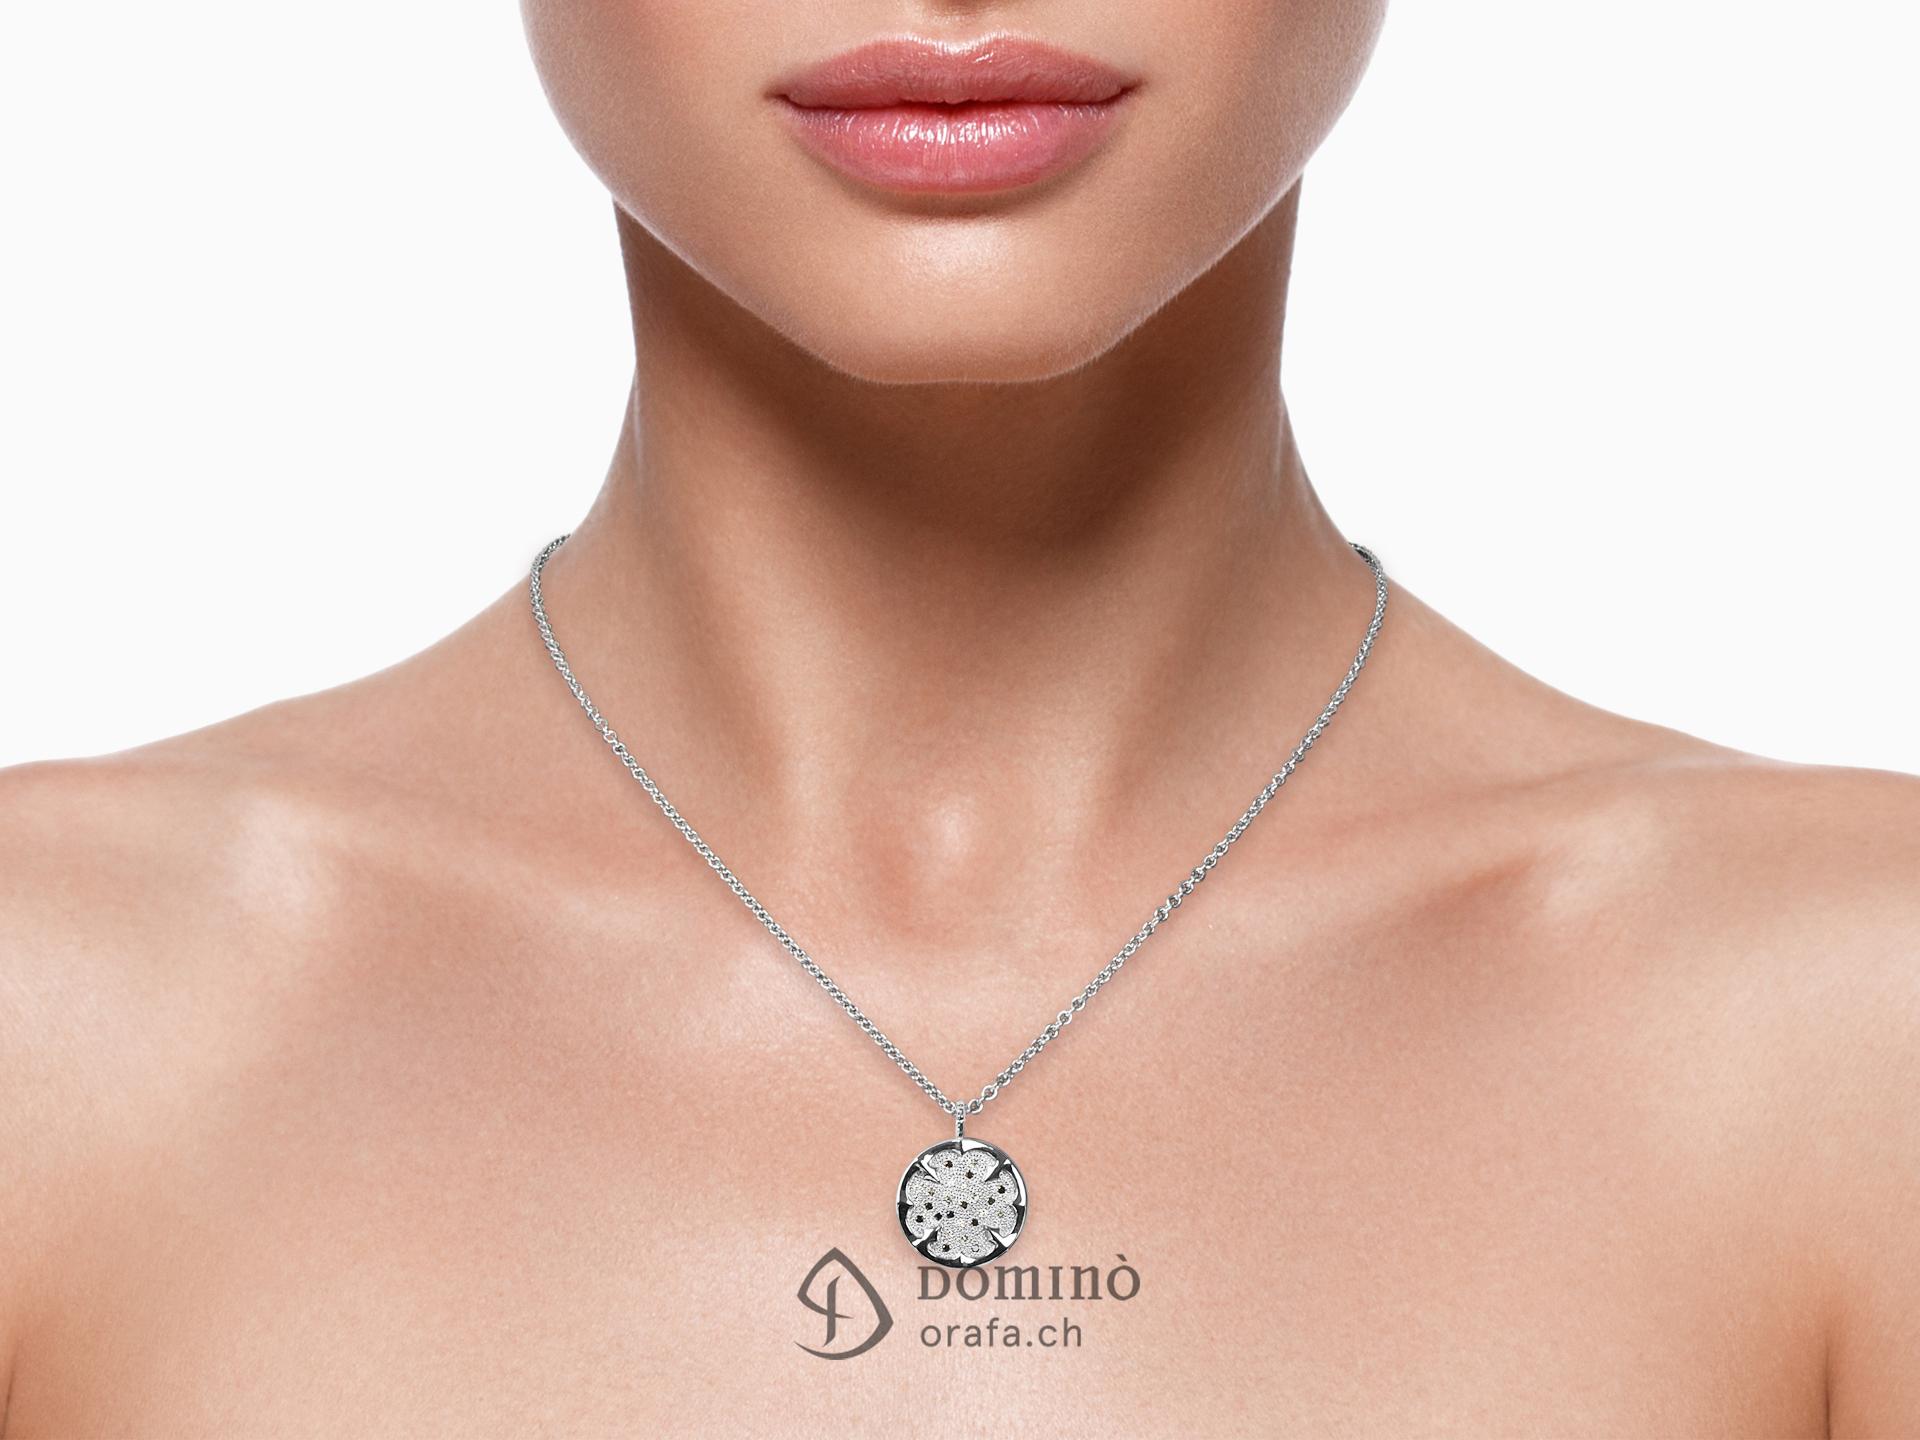 ciondolo-quadrifoglio-diamanti-incolore-grig-neri-1